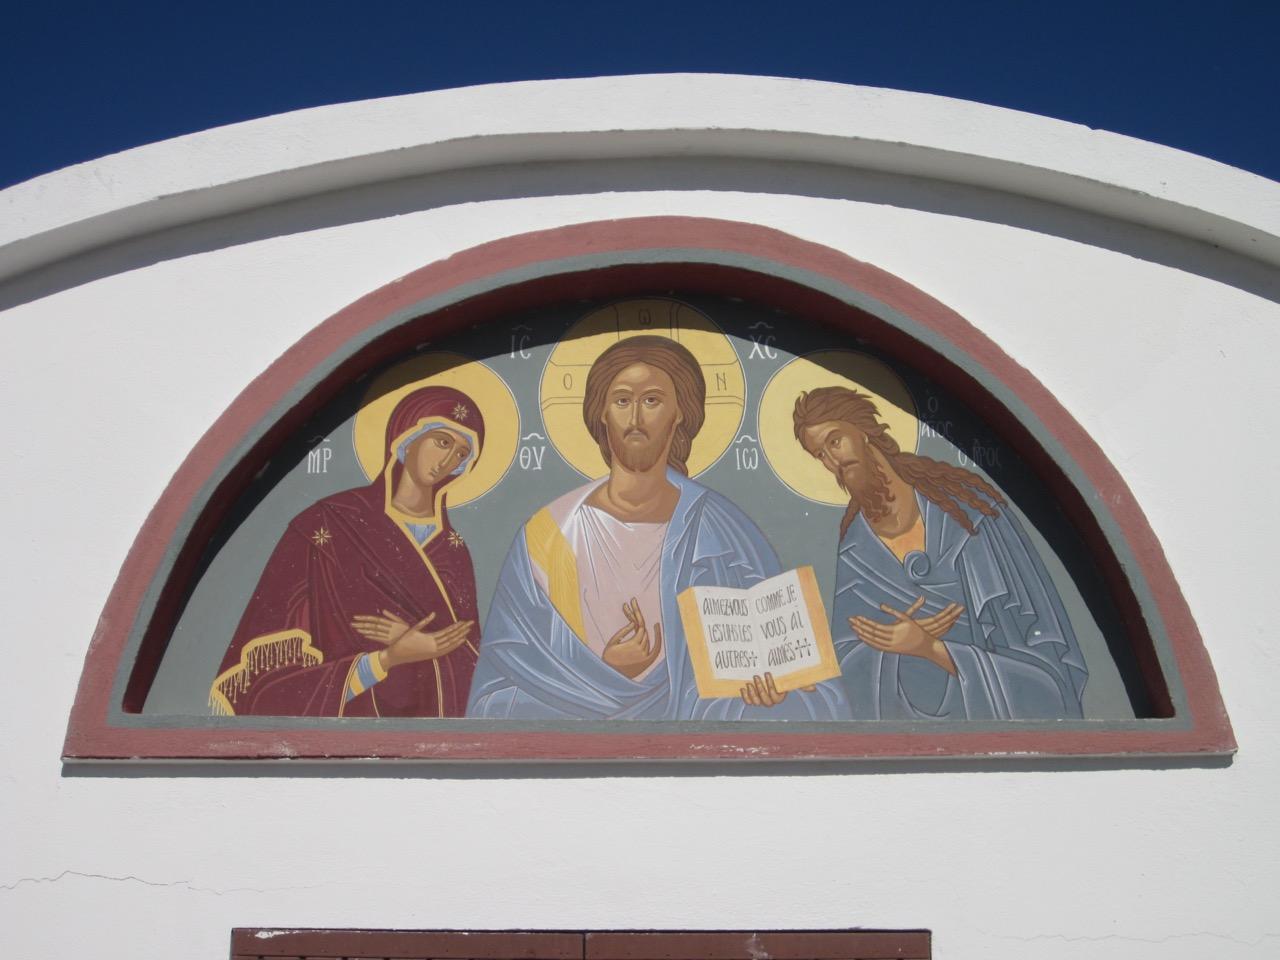 """<a href=""""https://www.visit-a-church.info/glossary#Deesis"""" target=""""_blank"""">Deesis</a> über dem Eingangsportal"""